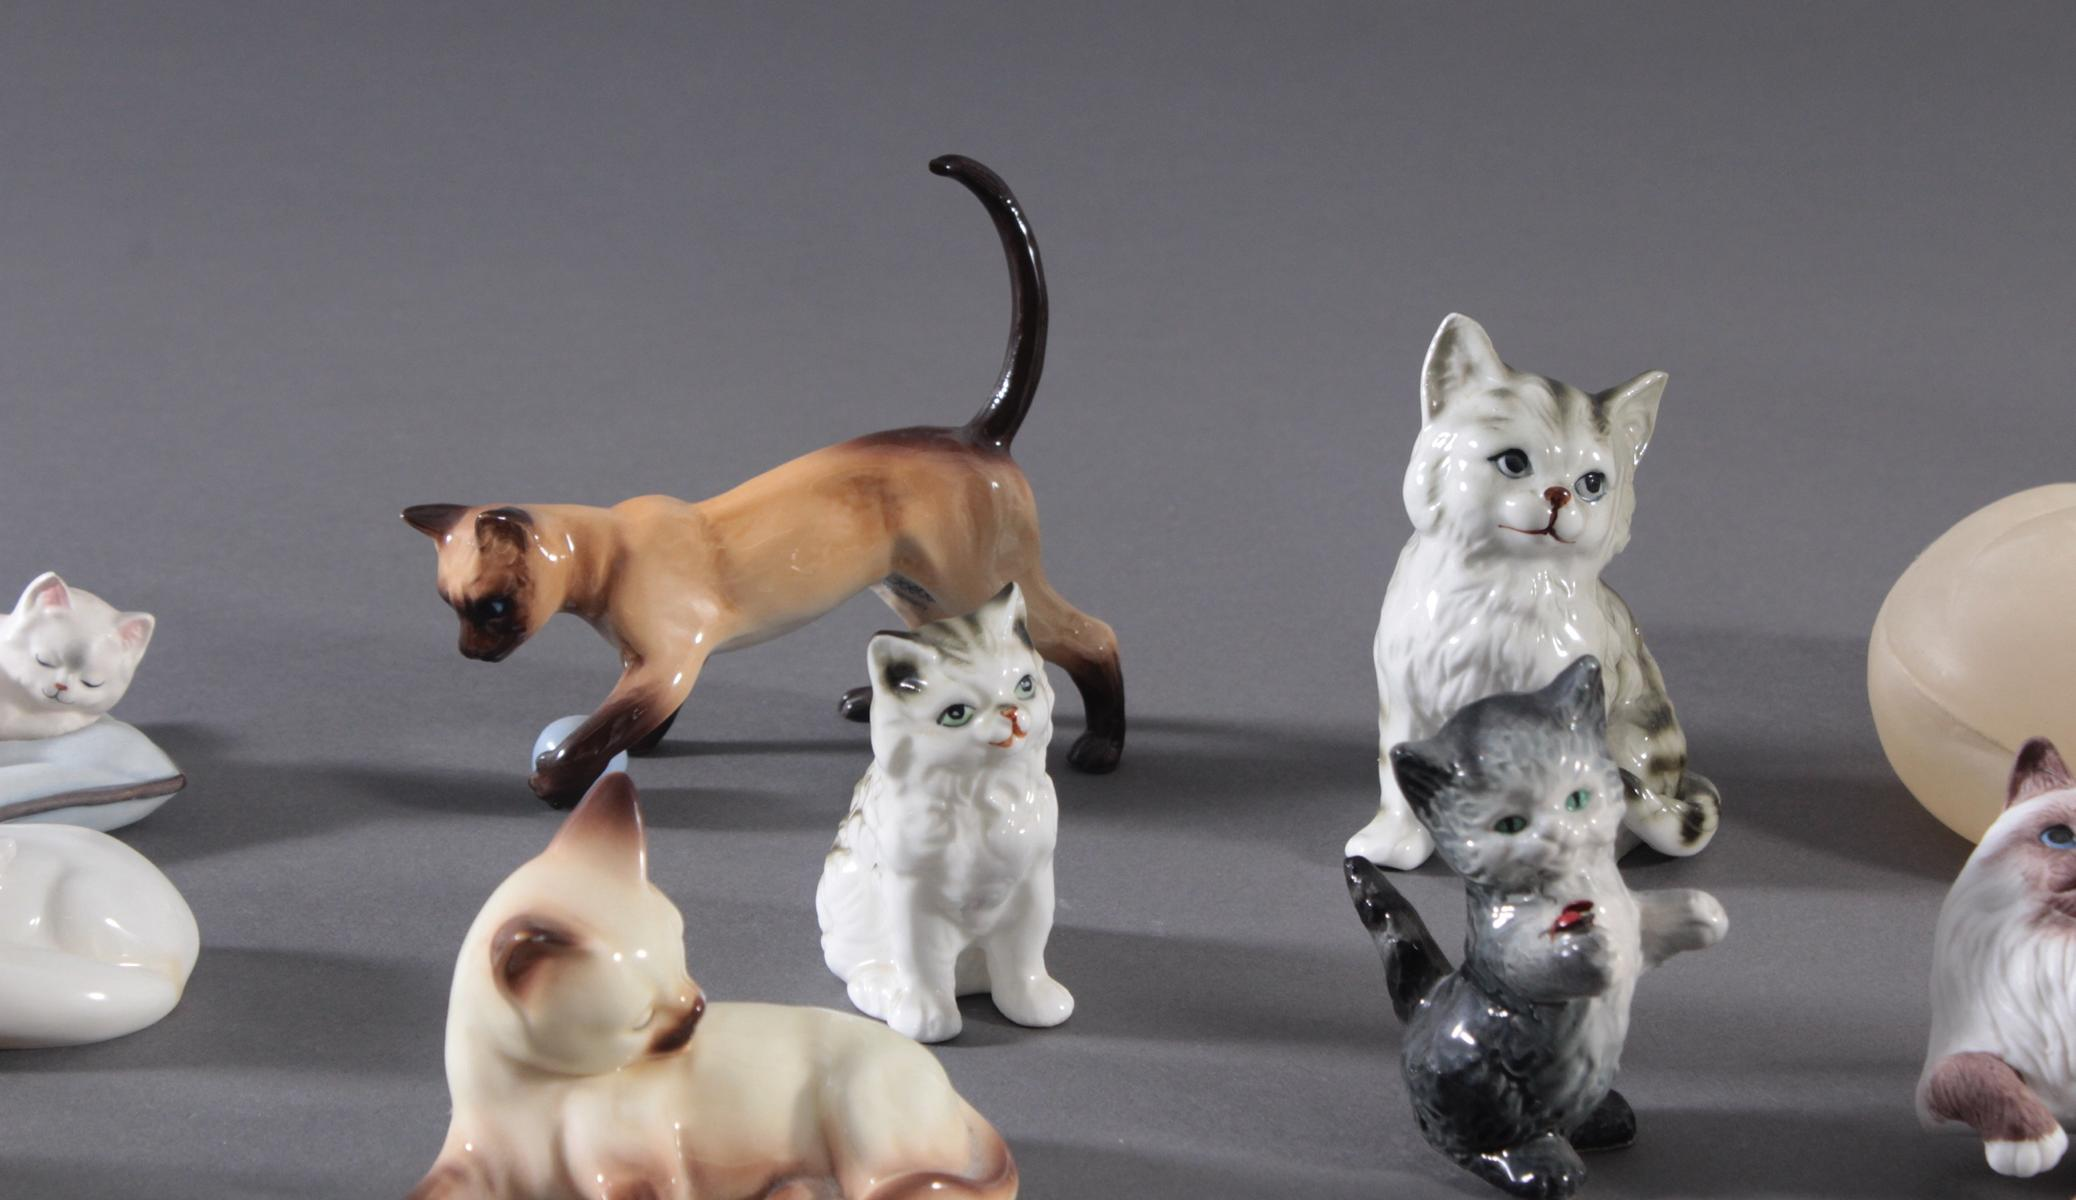 16 diverse Katzenfiguren und 1 Fuchs-3